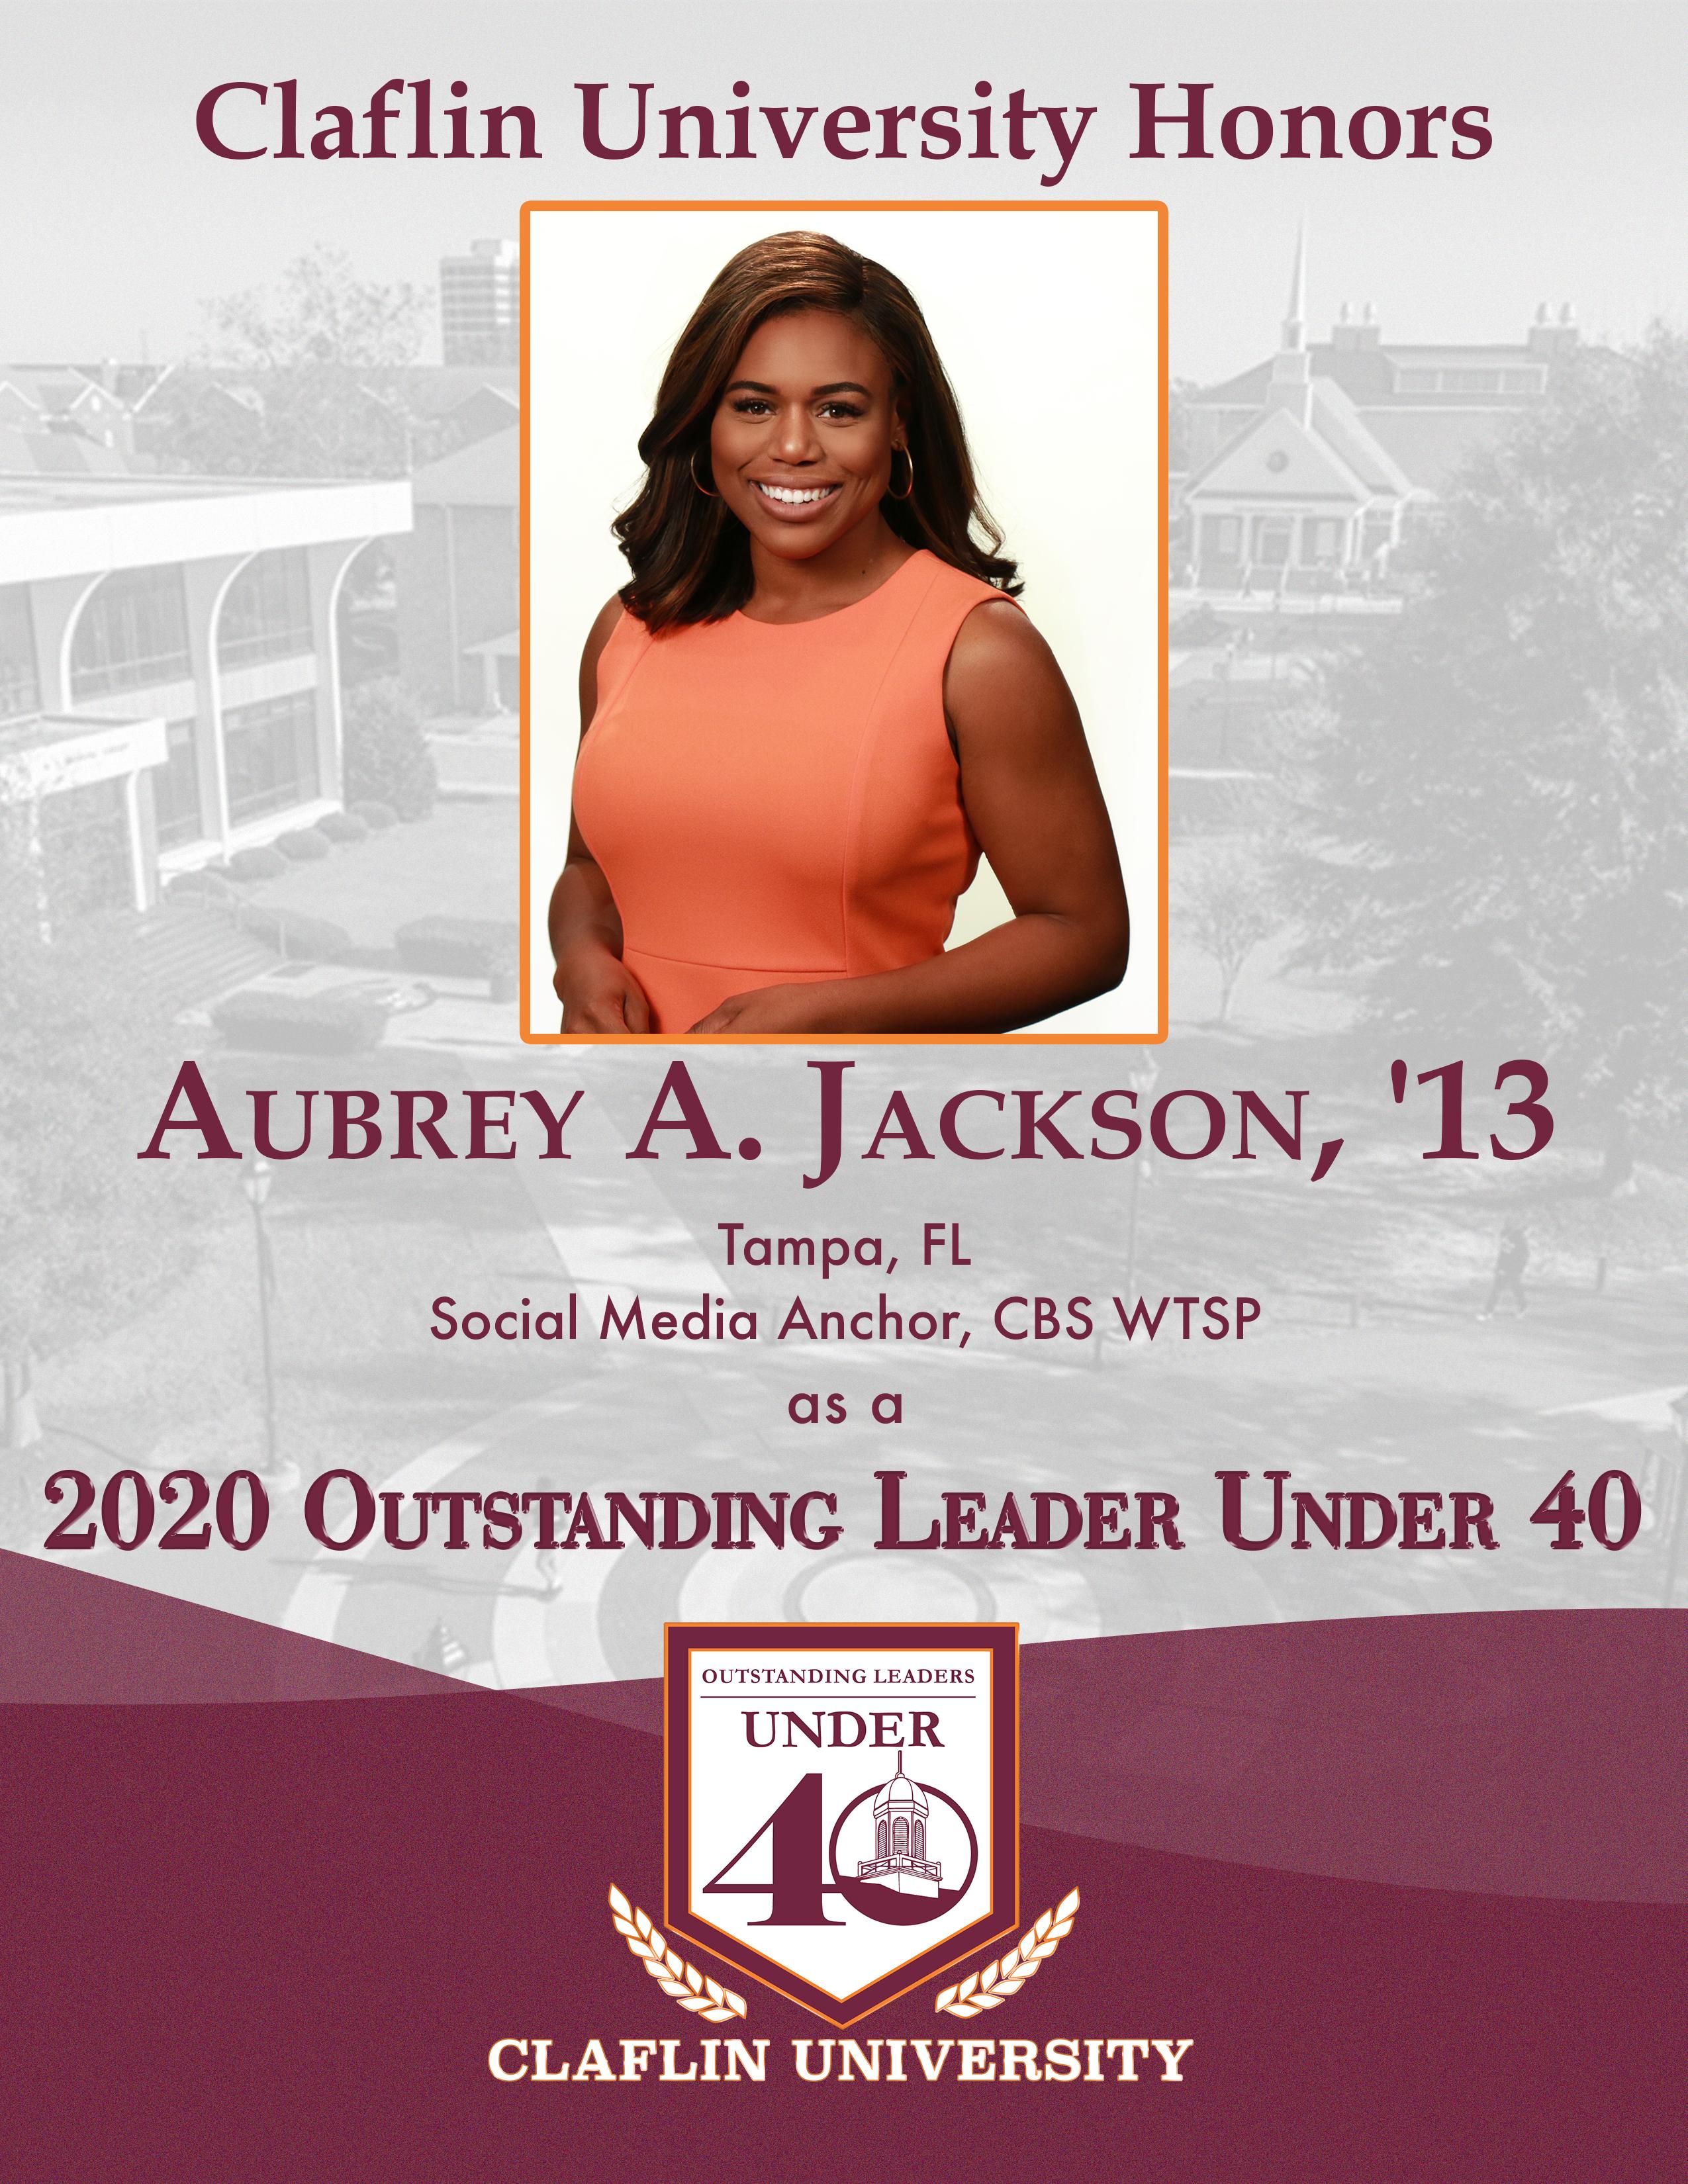 Aubrey A. Jackson